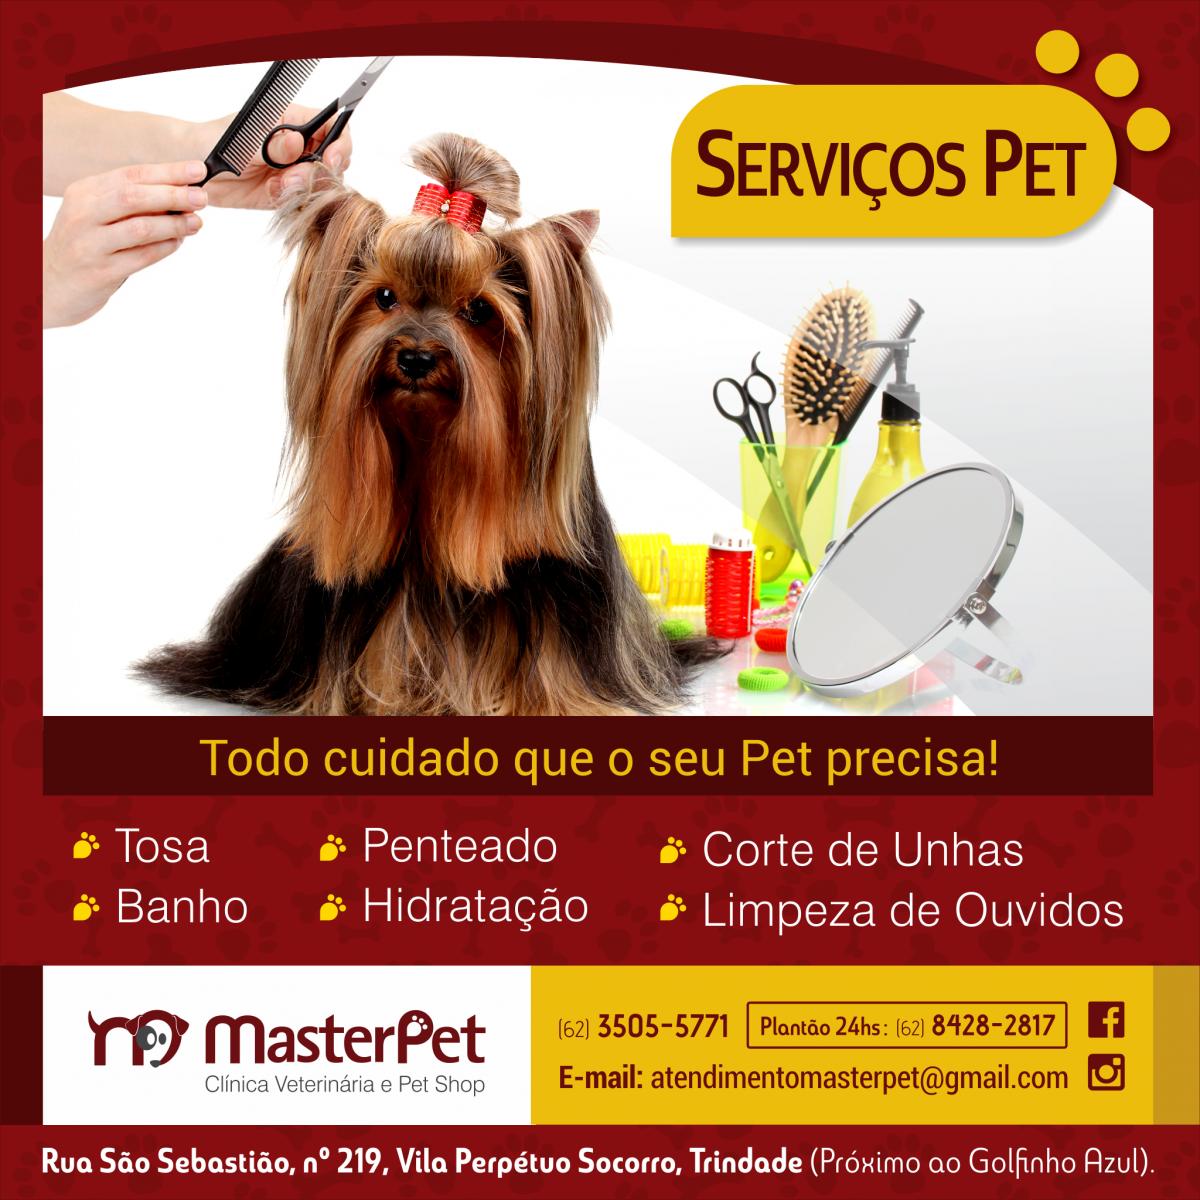 Serviços Pet